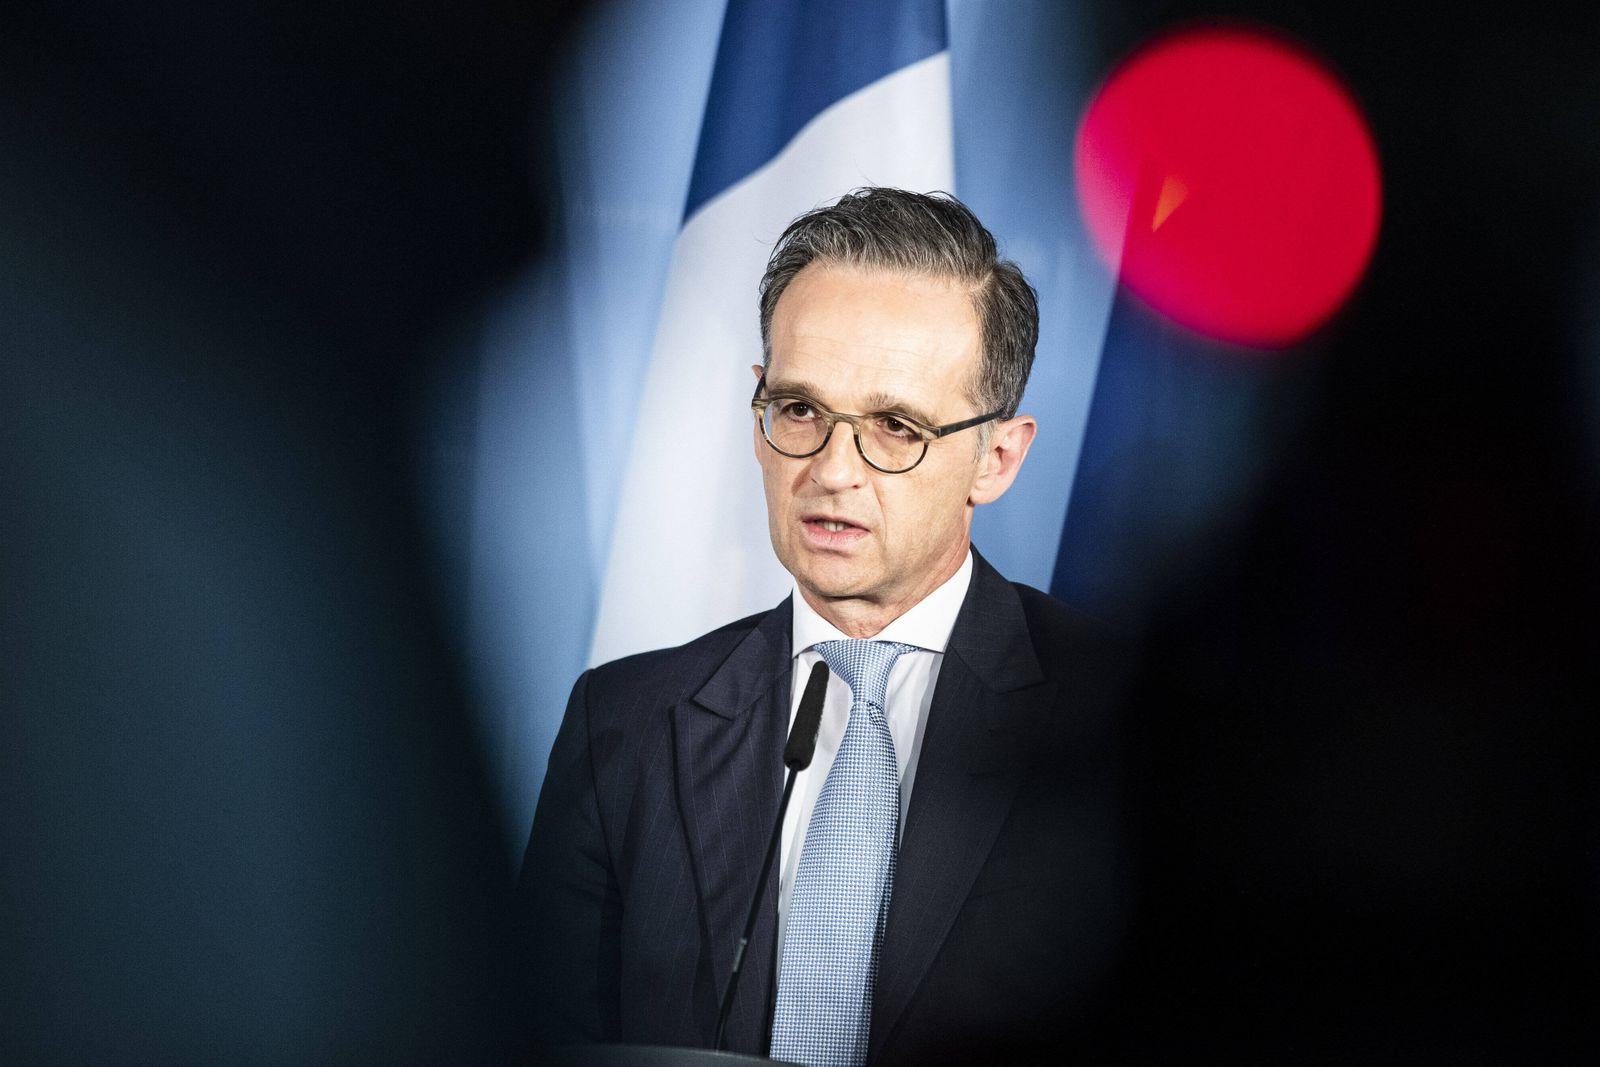 Heiko Maas, Bundesaussenminister, spricht zu den Medien nach einer Videokonferenz im N4-Format (Normandie-Format) mit d